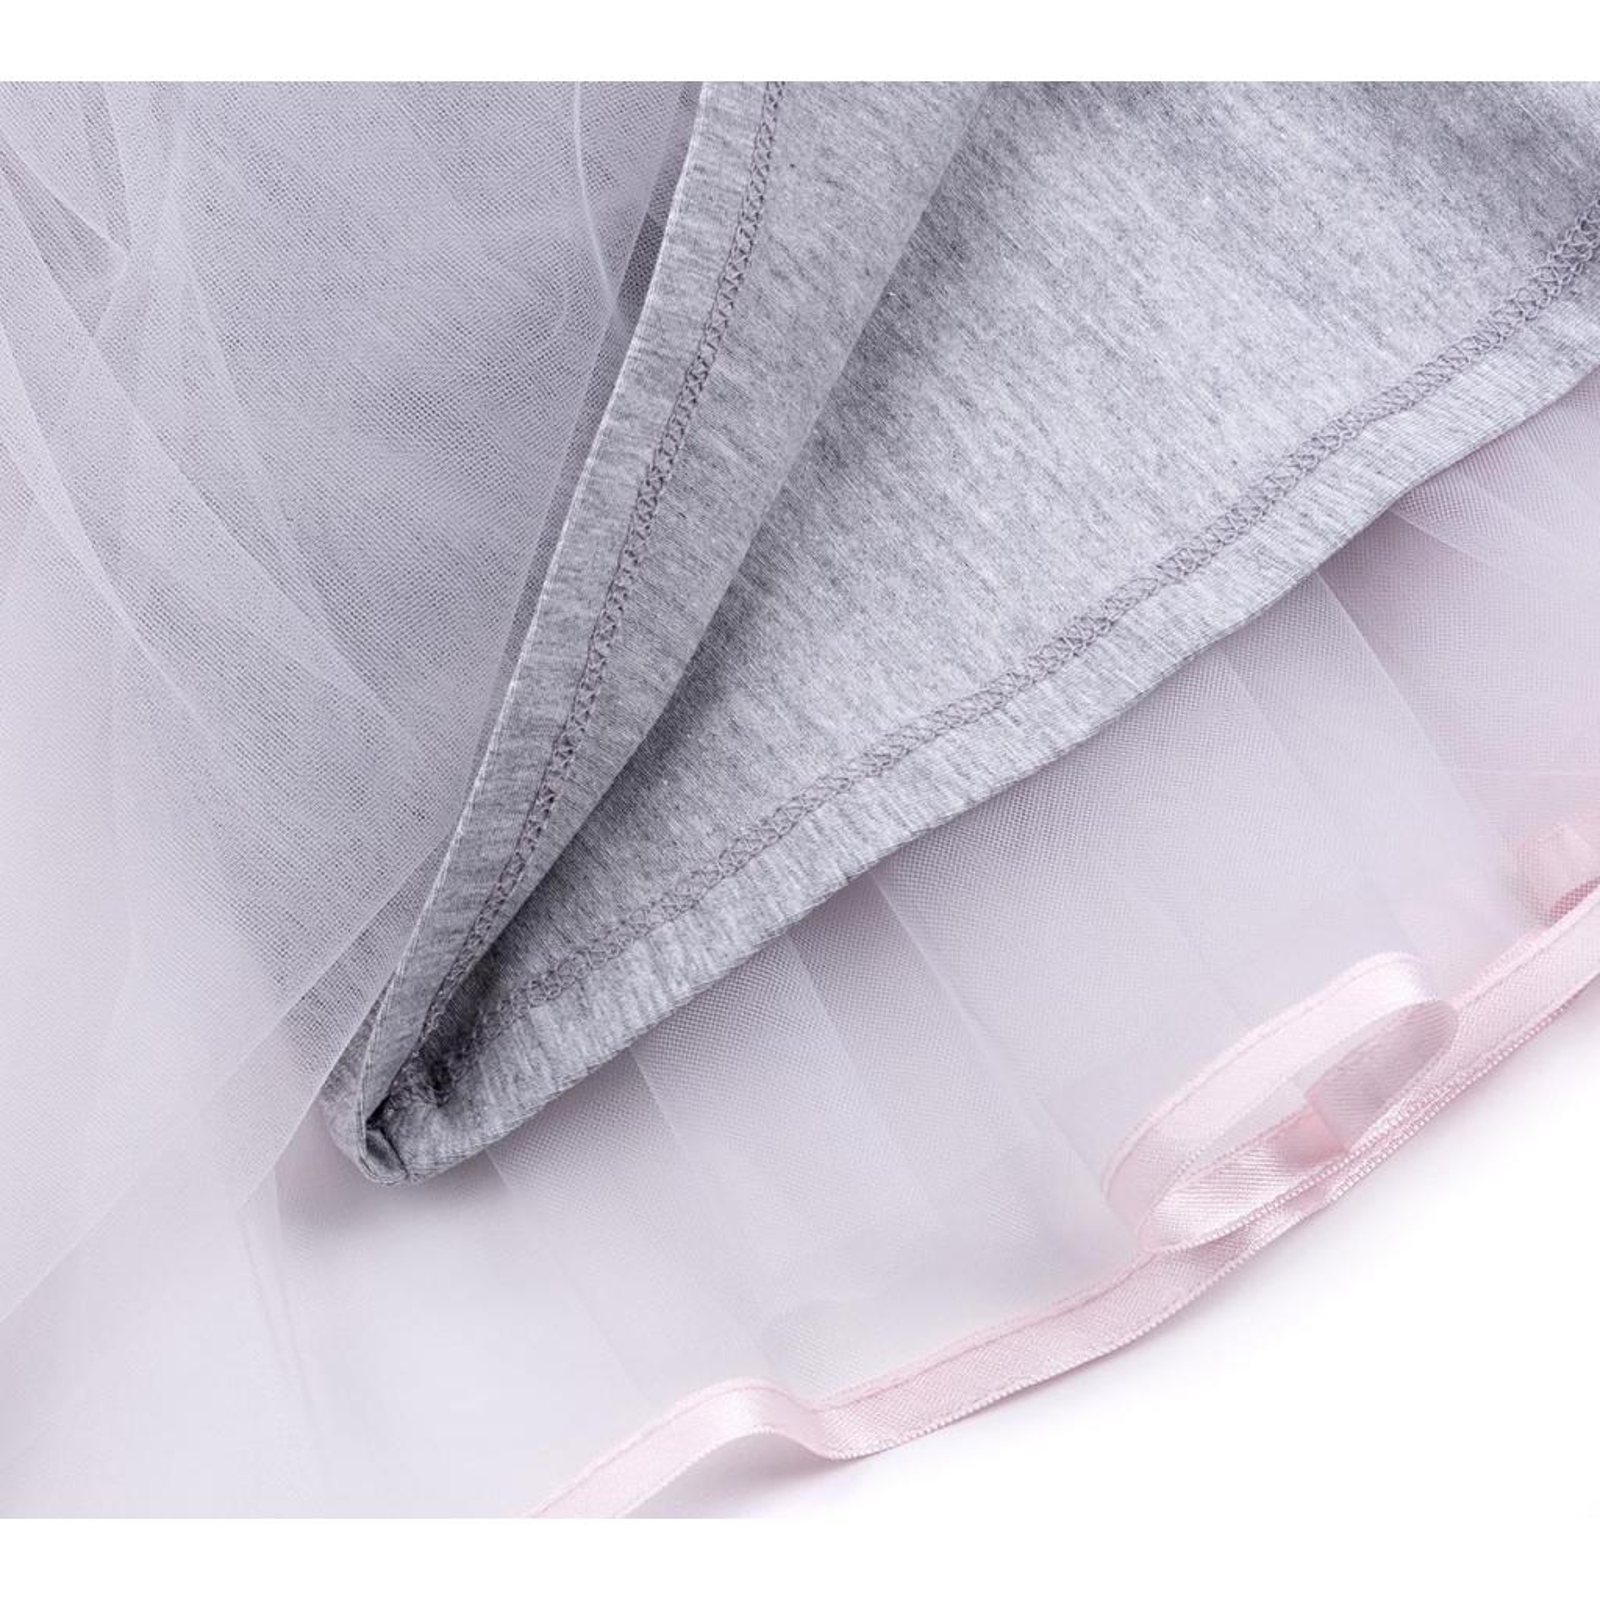 Платье Breeze сарафан с фатиновой юбкой и сердцем (10862-104G-pink) изображение 7